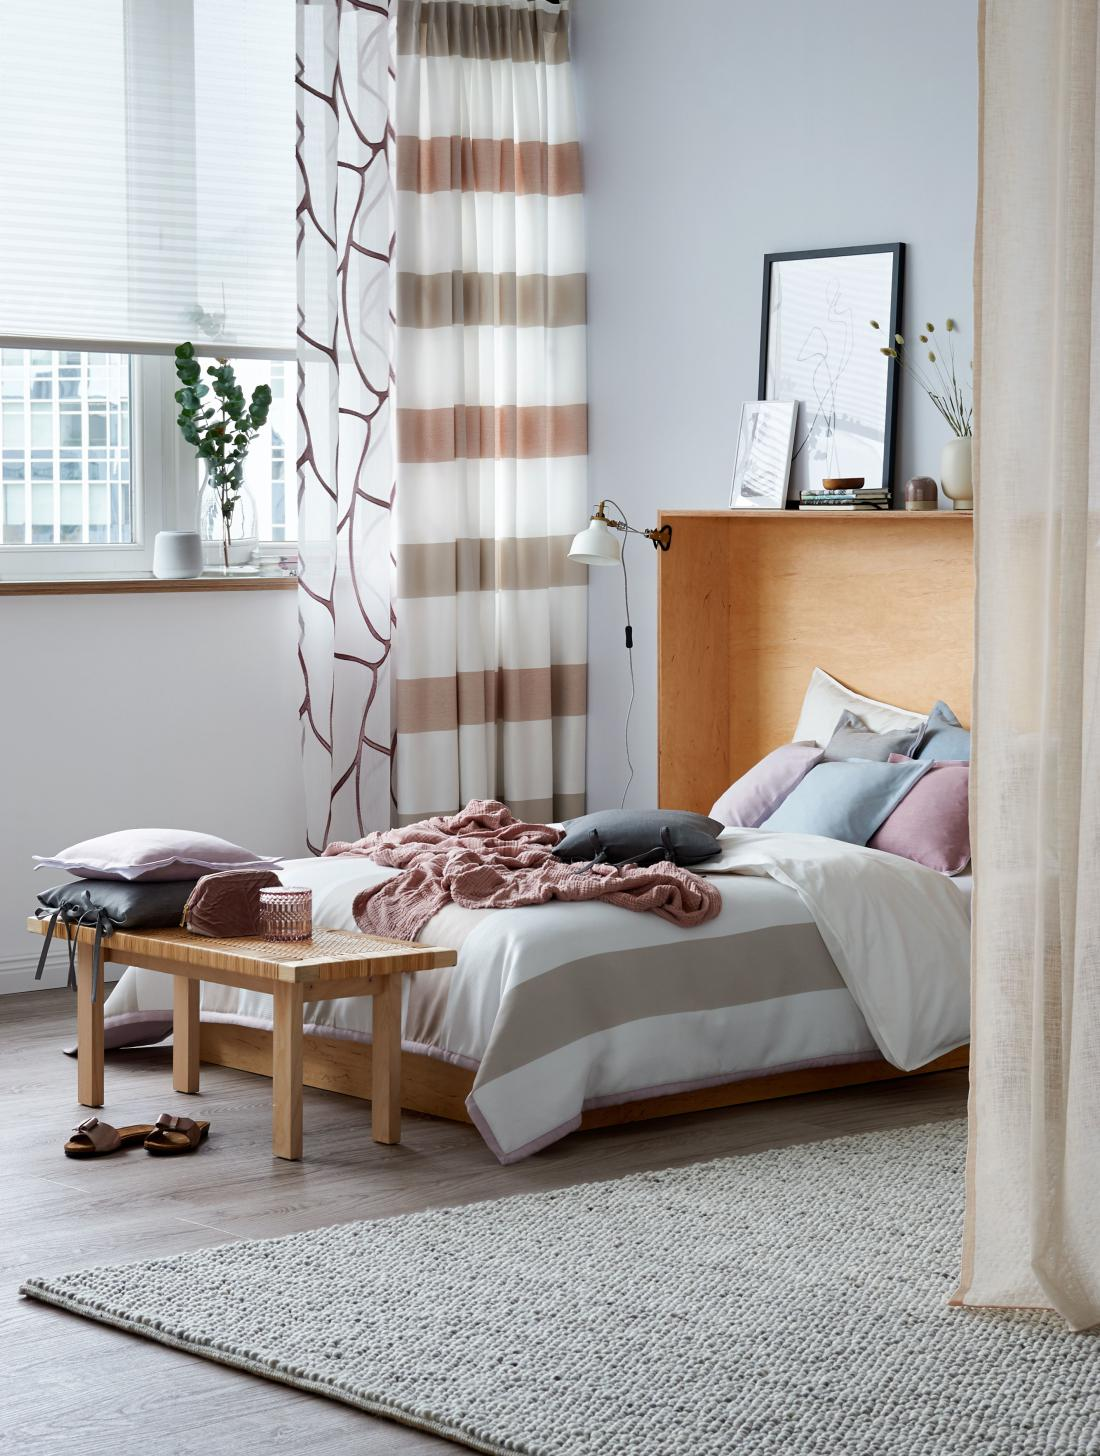 V spalnici lahko s tkaninami ustvarite umirjen ambient, zaradi kategerega boste z veseljem legli v posteljo (arhiv Deco Team).